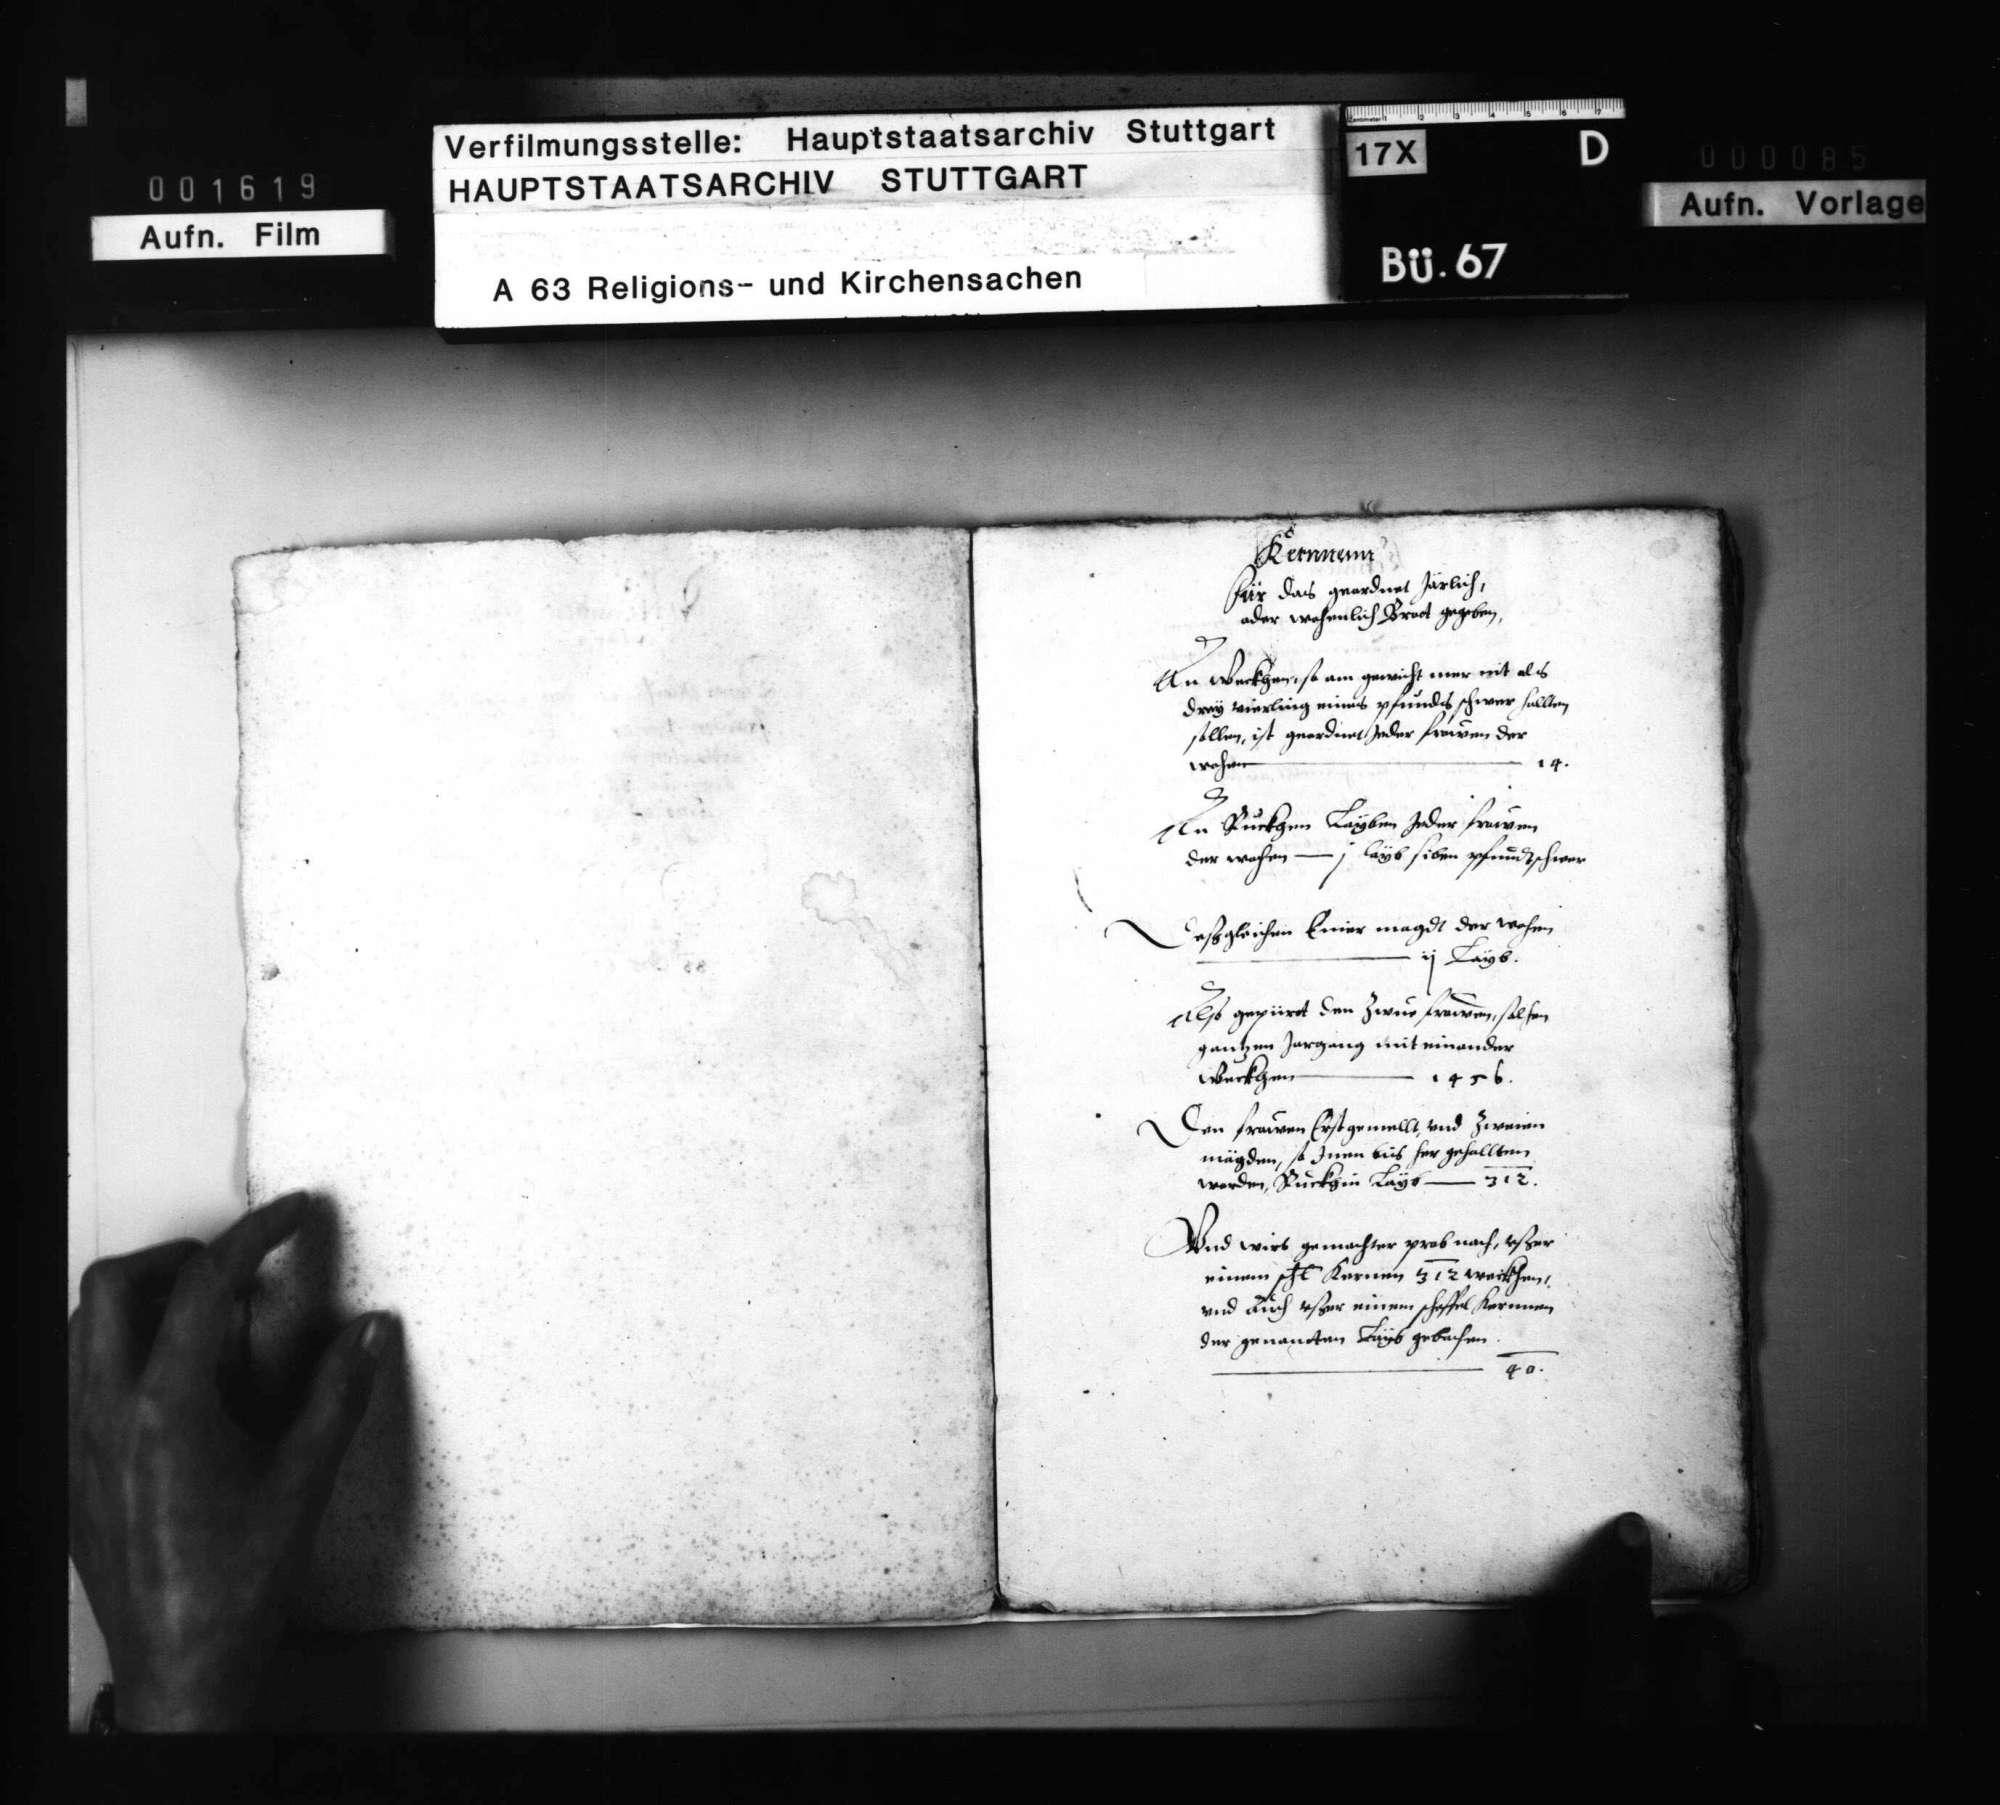 Partikularrechnung (Folio - Heft) über das Unterhaltsdeputat der noch lebenden 2 Klosterfrauen in einem ungenannten Kloster (wahrscheinlich Pfullingen)., Bild 3